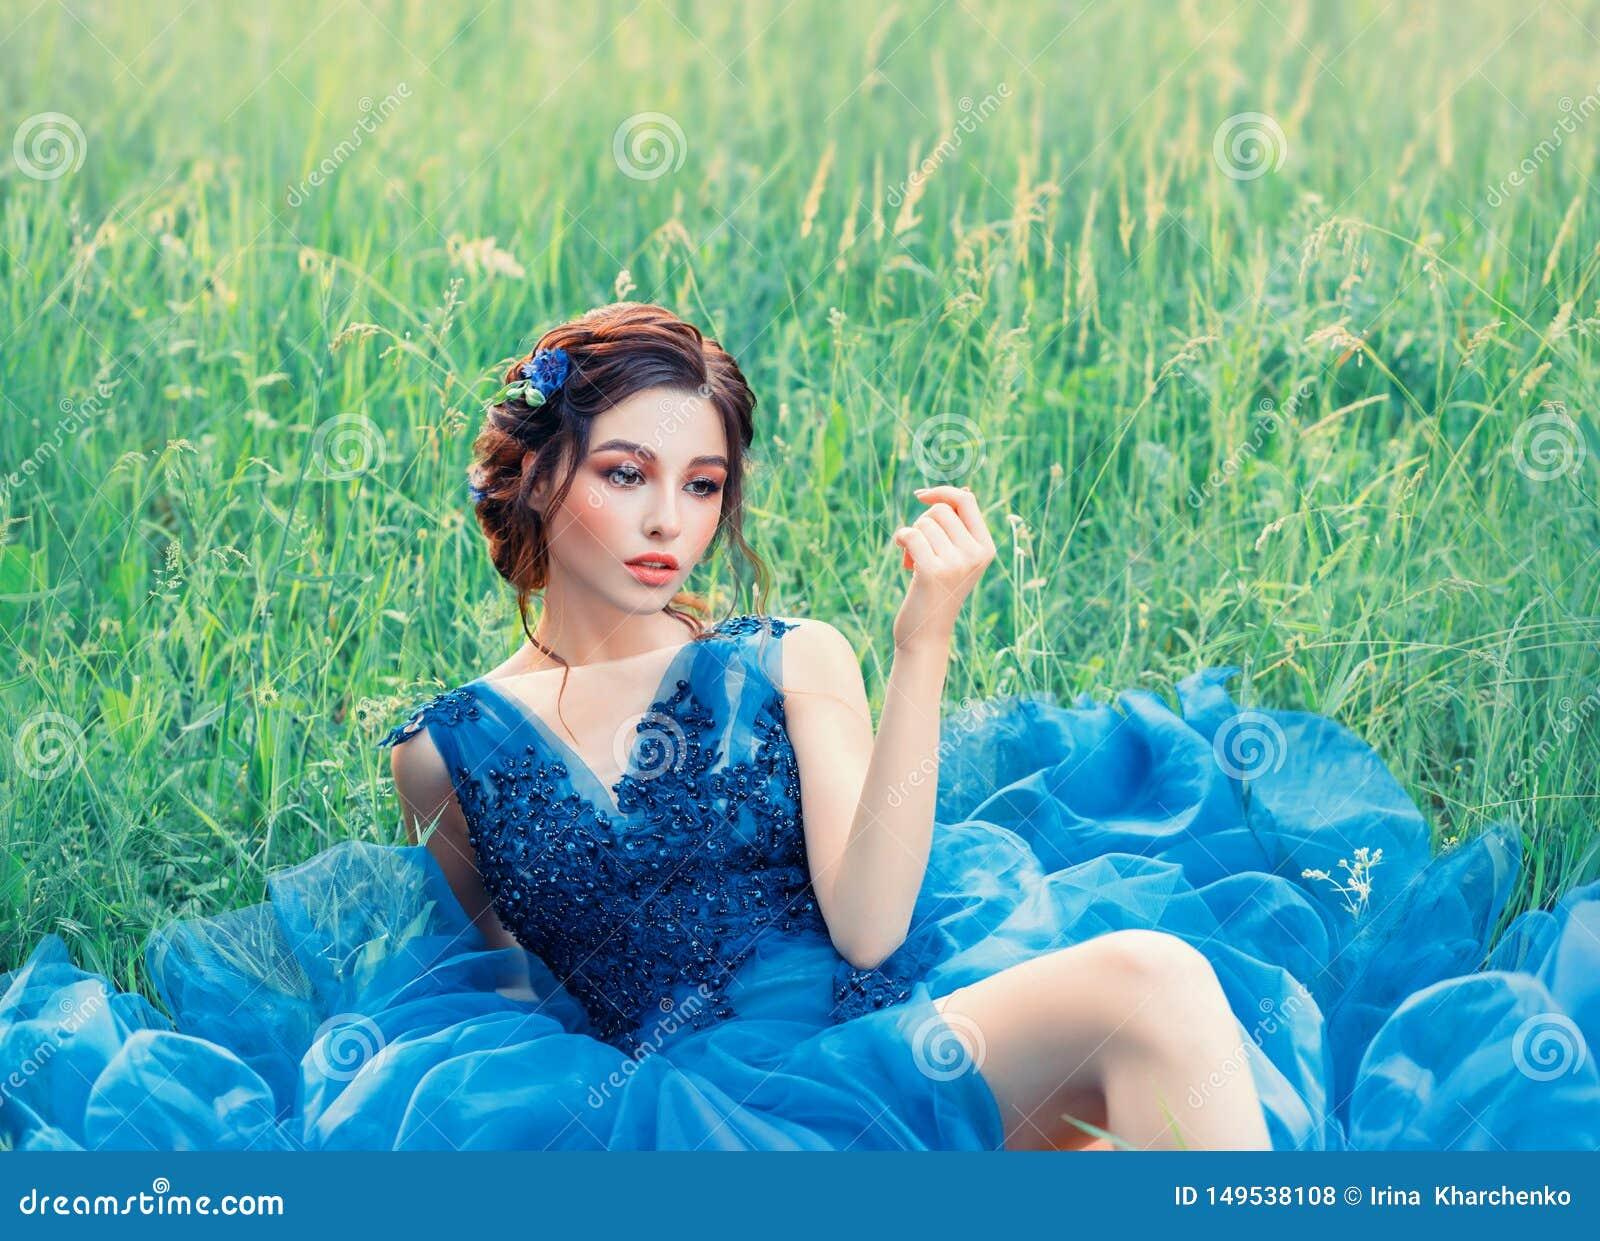 Charmant geheimzinnig verhaal over porseleinpop, mooi meisje in lange blauwe weelderige gevoelige kleding dame met gevlecht dark